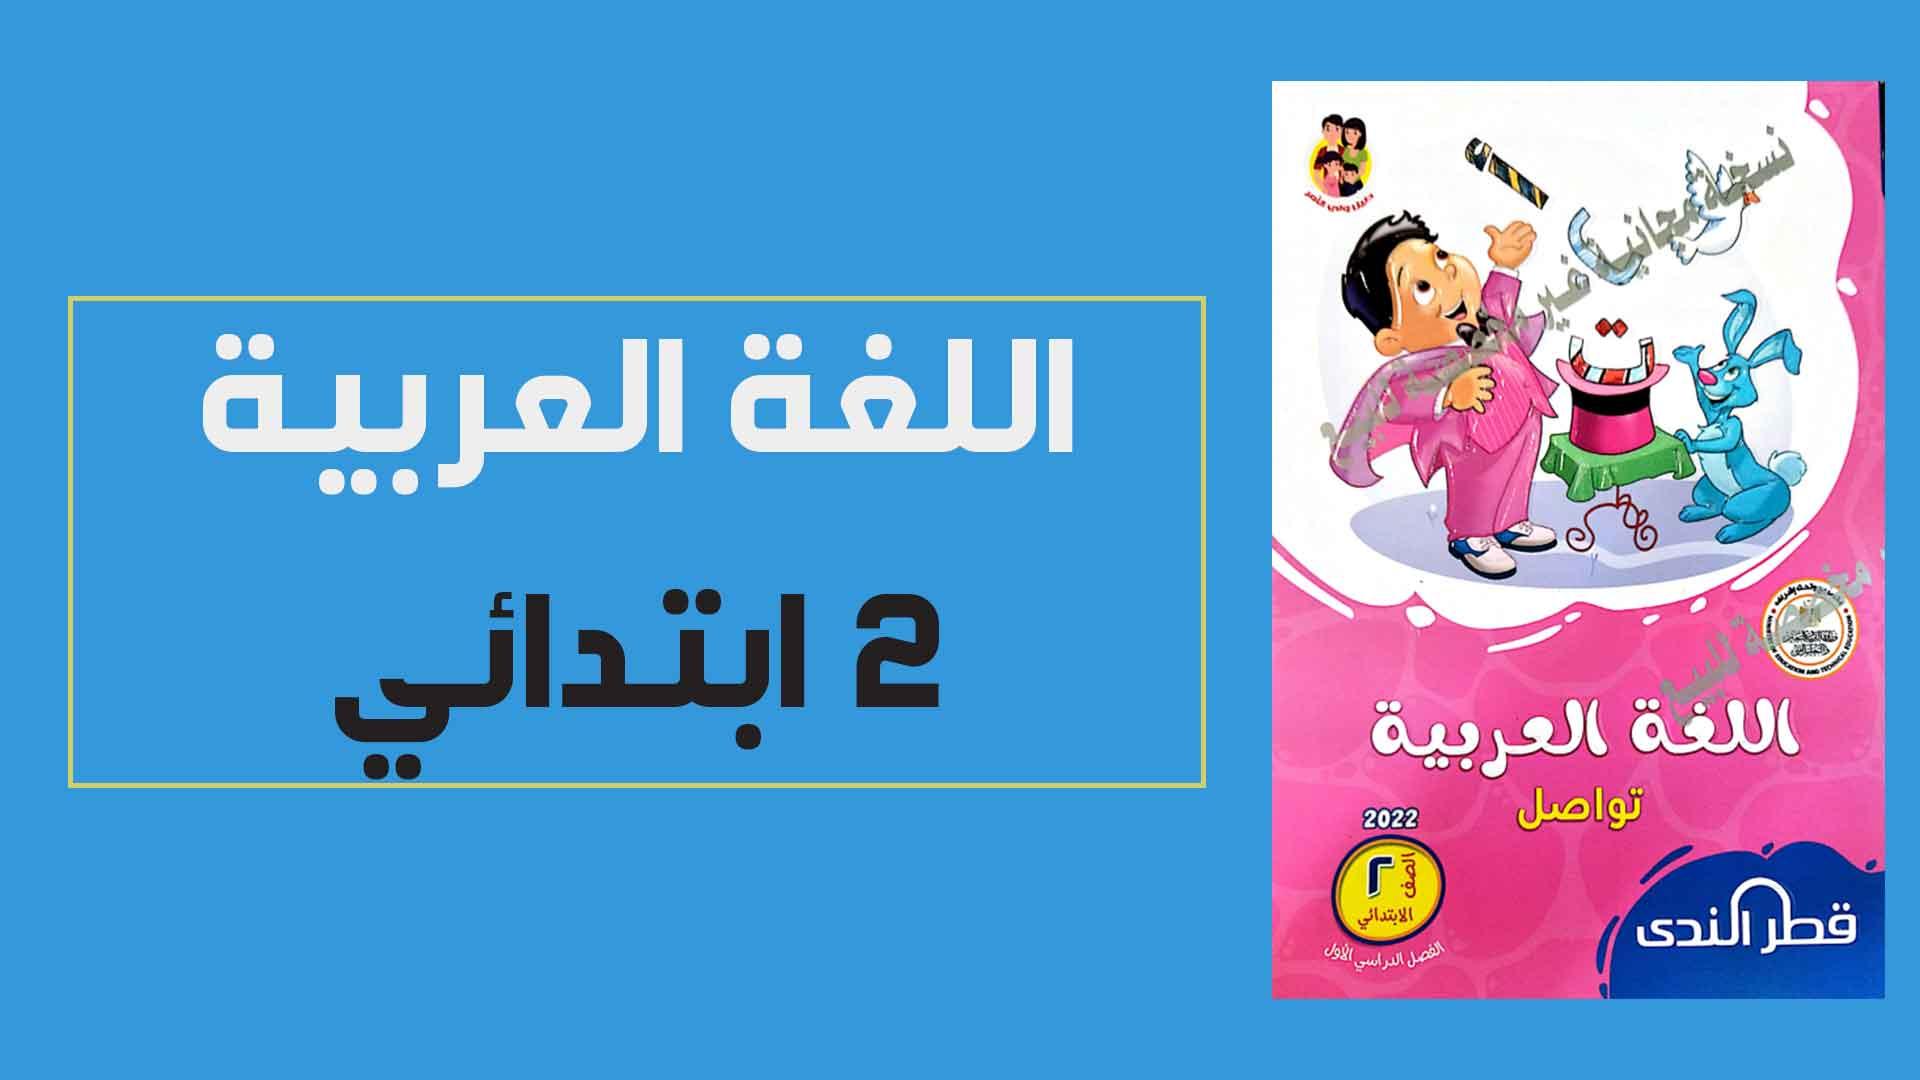 تحميل كتاب قطر الندى فى اللغة العربية للصف الثانى الابتدائي الترم الاول 2022 (النسخة الجديدة)